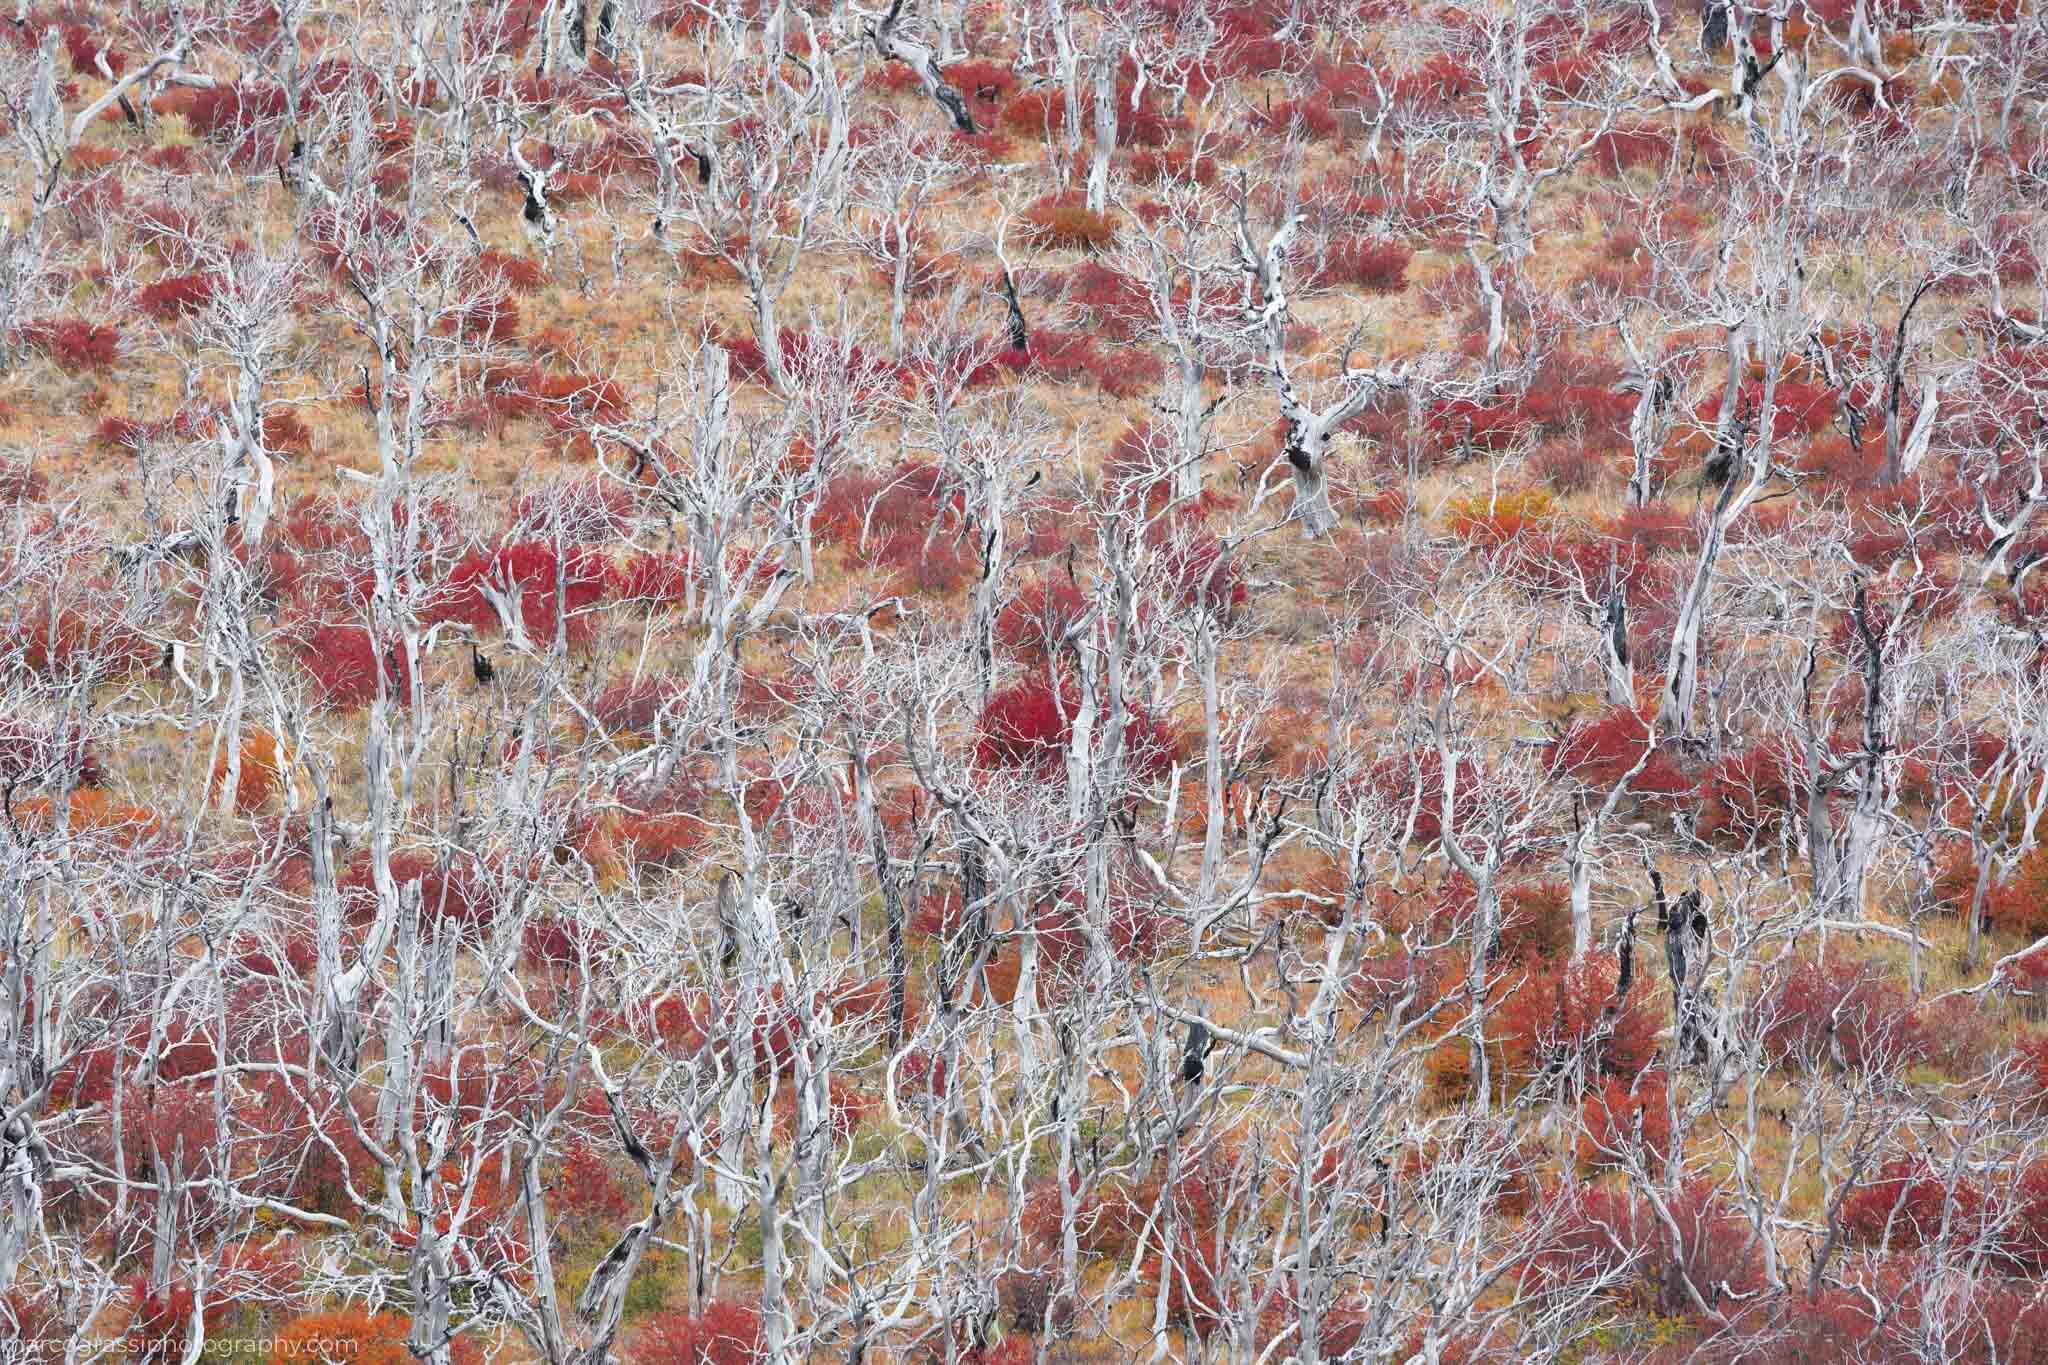 Trees in El Chalten